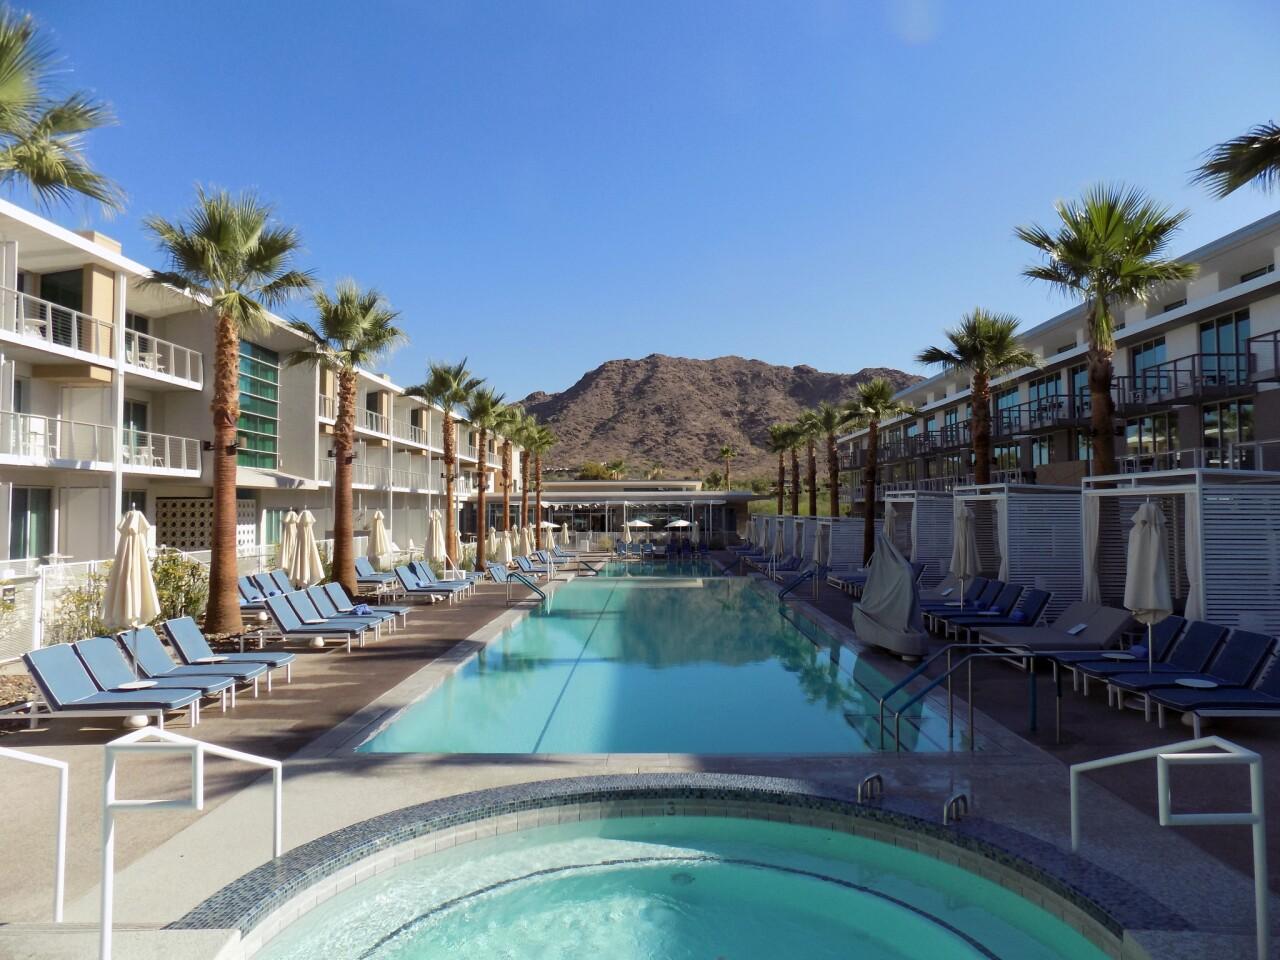 Scottsdale, Ariz. hotels